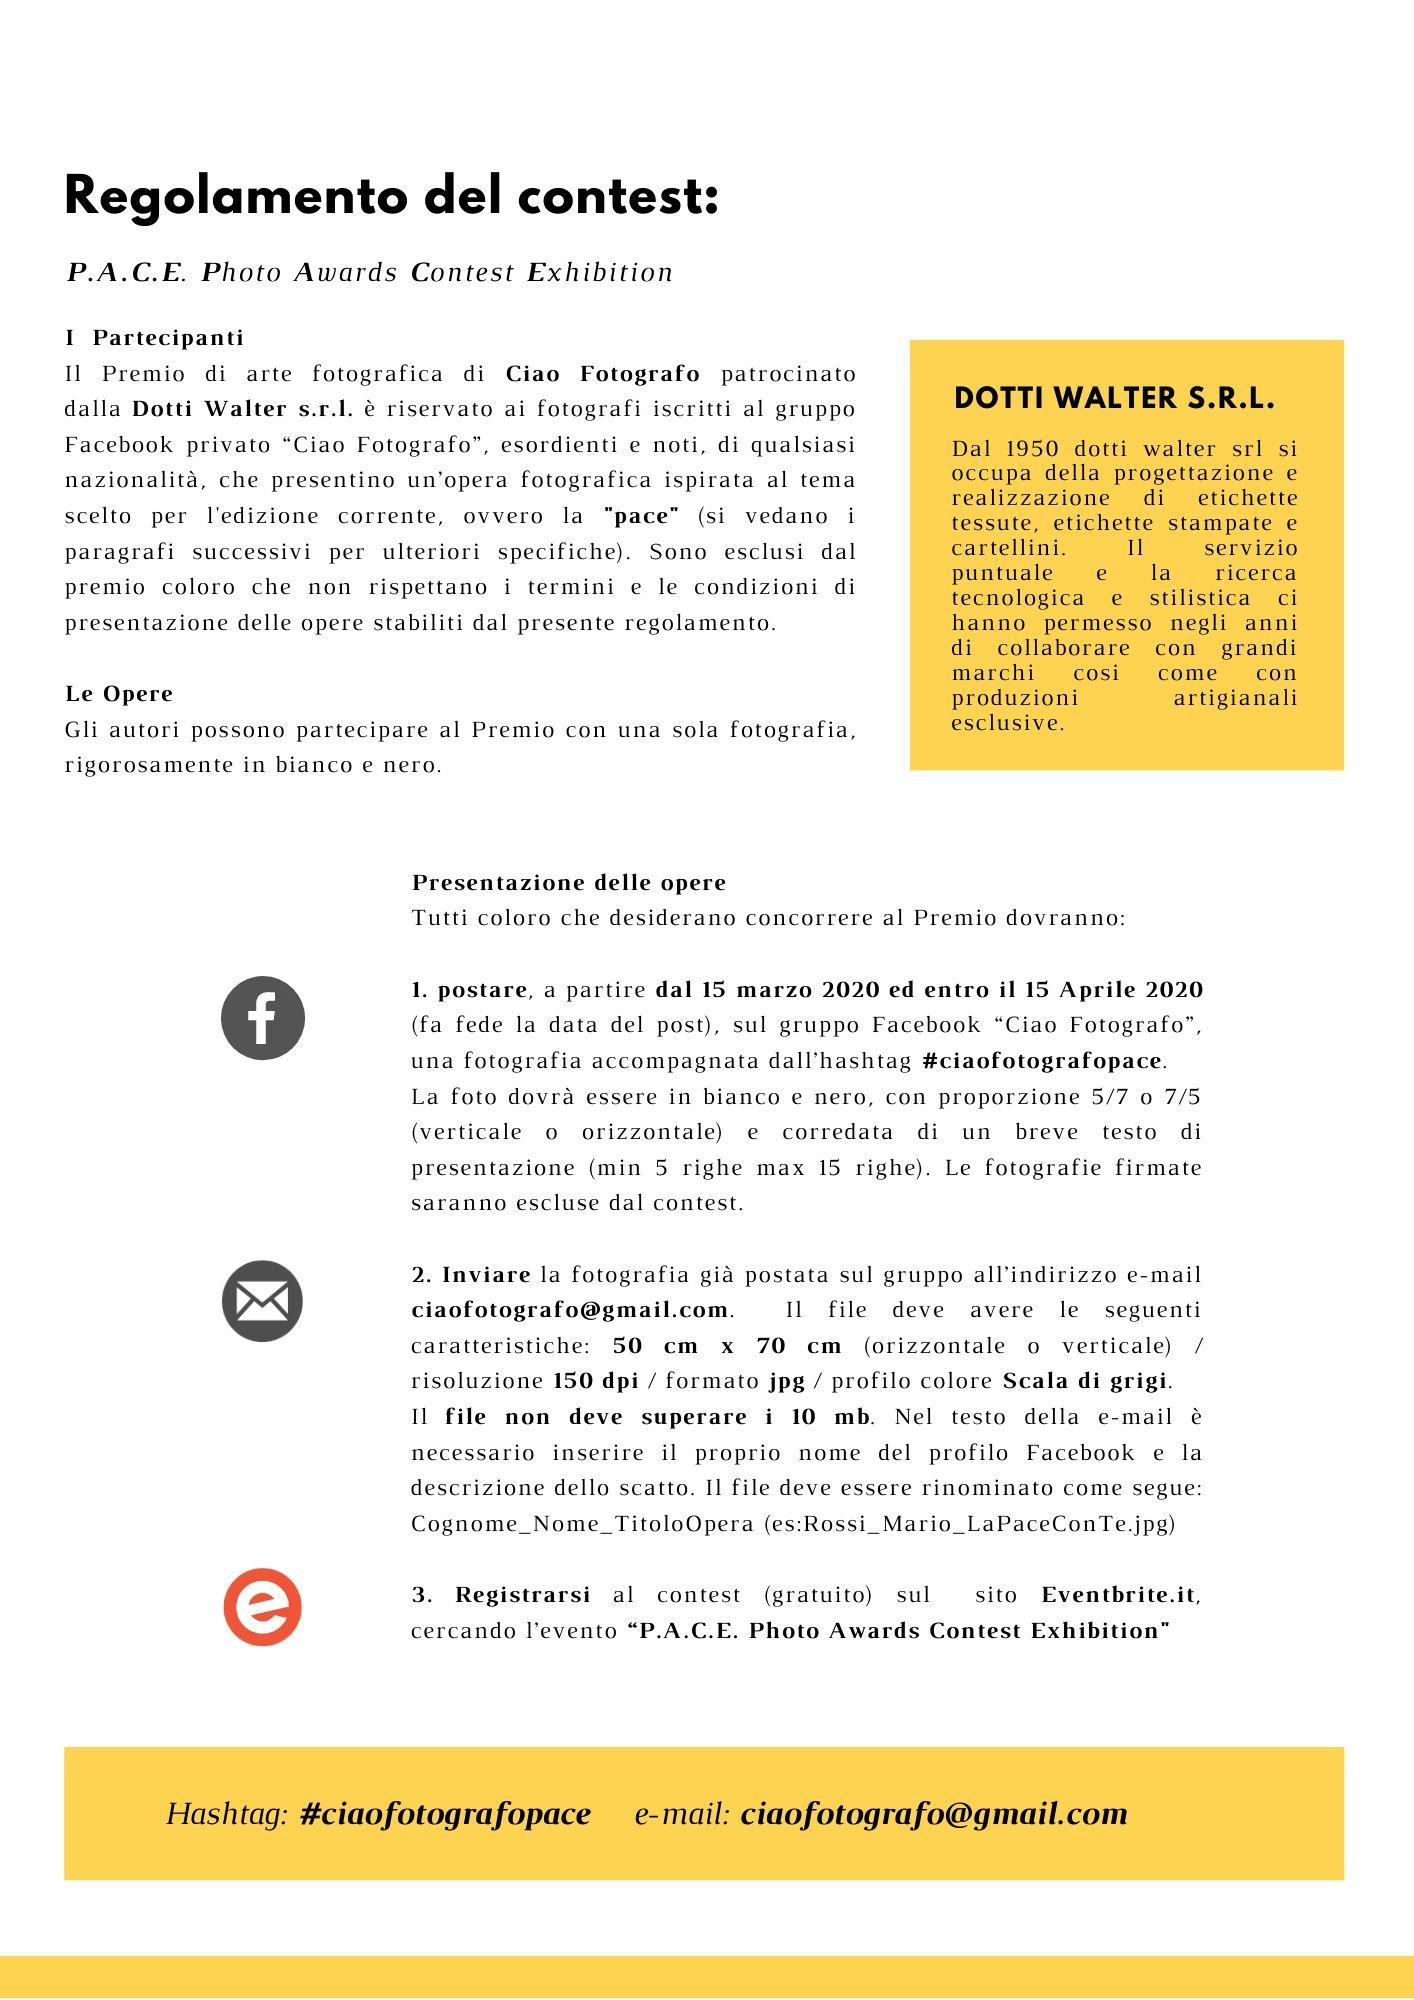 Pace Bianco E Nero p.a.c.e. photo awards contest exhibition biglietti, sab, 19